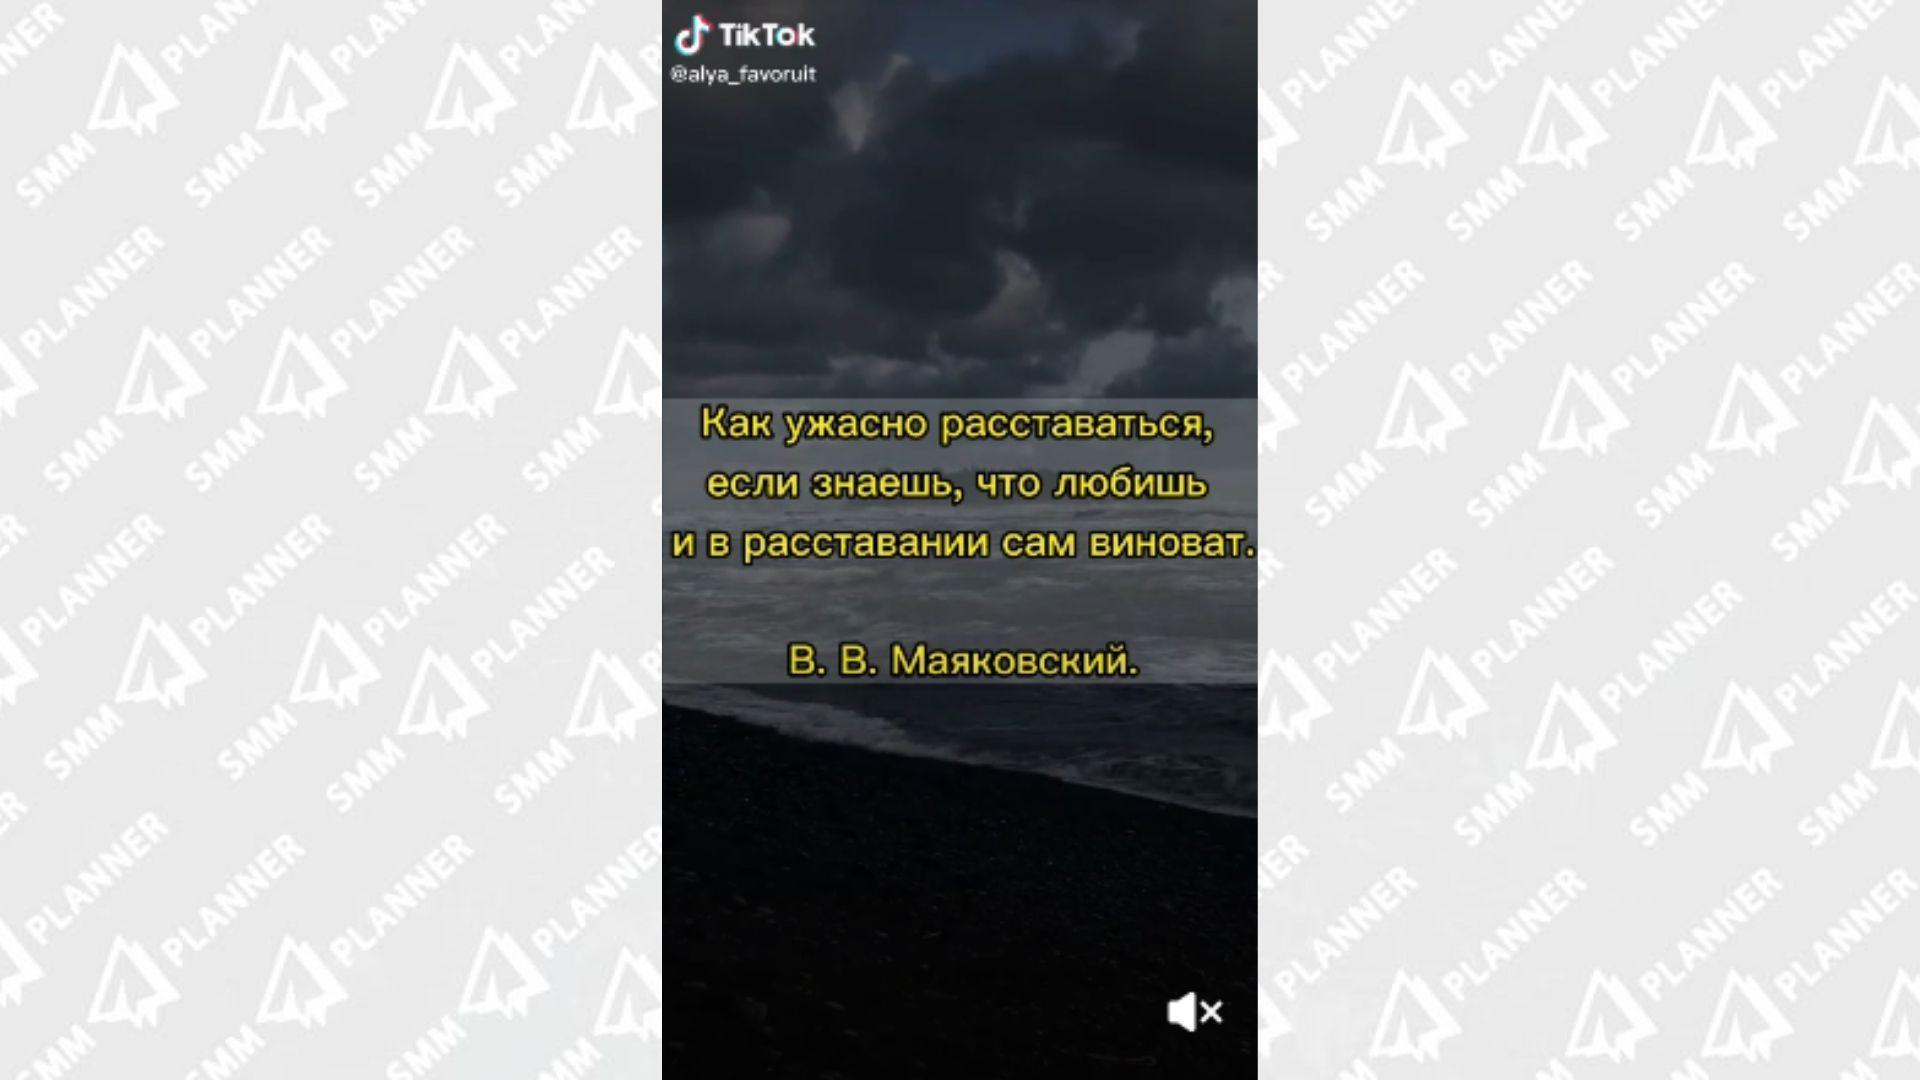 На каждом видео в ТикТоке можно увидеть мерцающий водяной знак, показывающий принадлежность ролика к соцсет